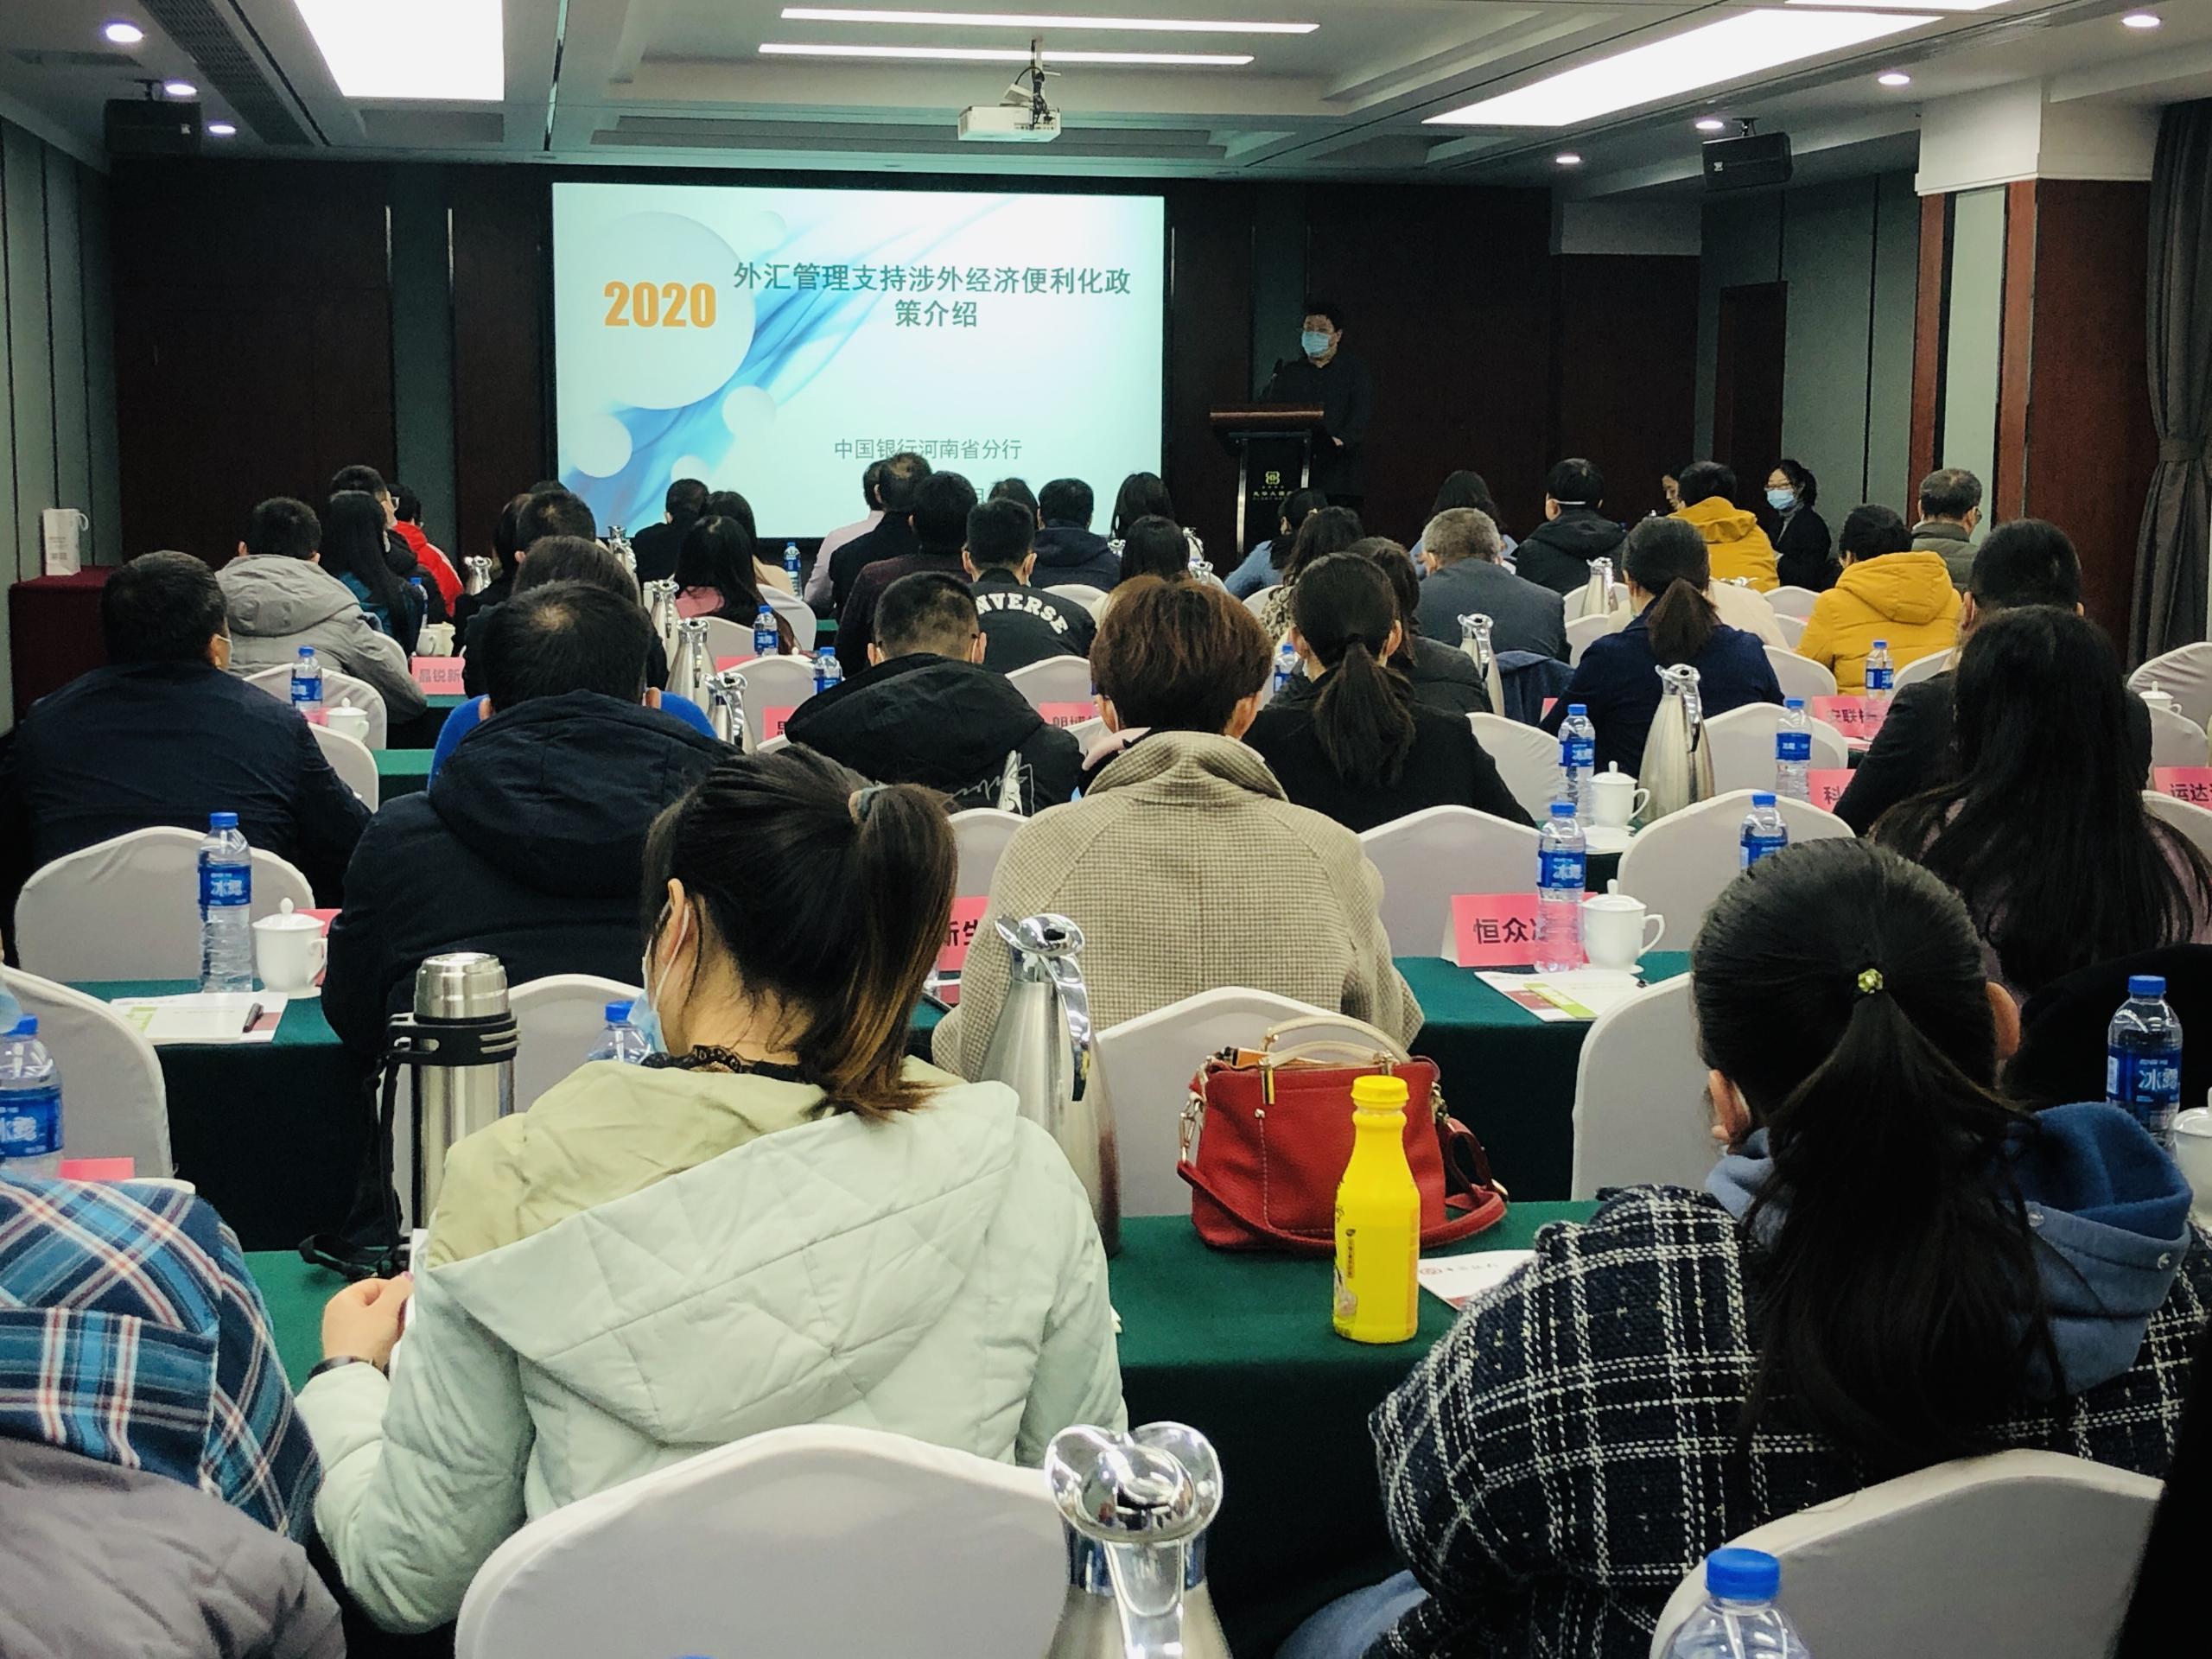 """中国银行河南省分行发挥专业优势 助力""""双循环""""新发展格局"""